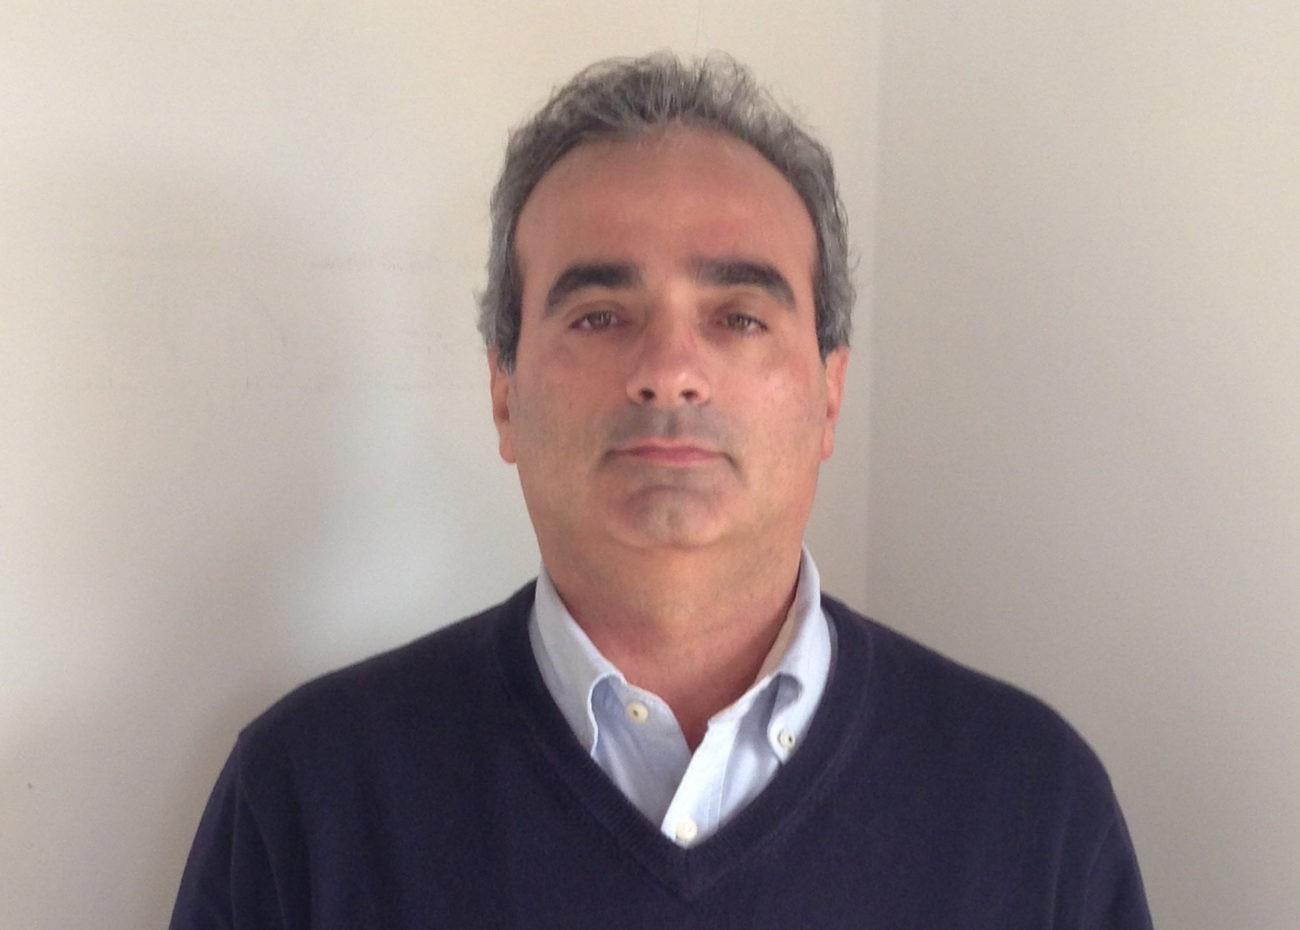 AMARES –  Jorge Silva no Secretariado Distrital dos Trabalhadores Social-Democratas